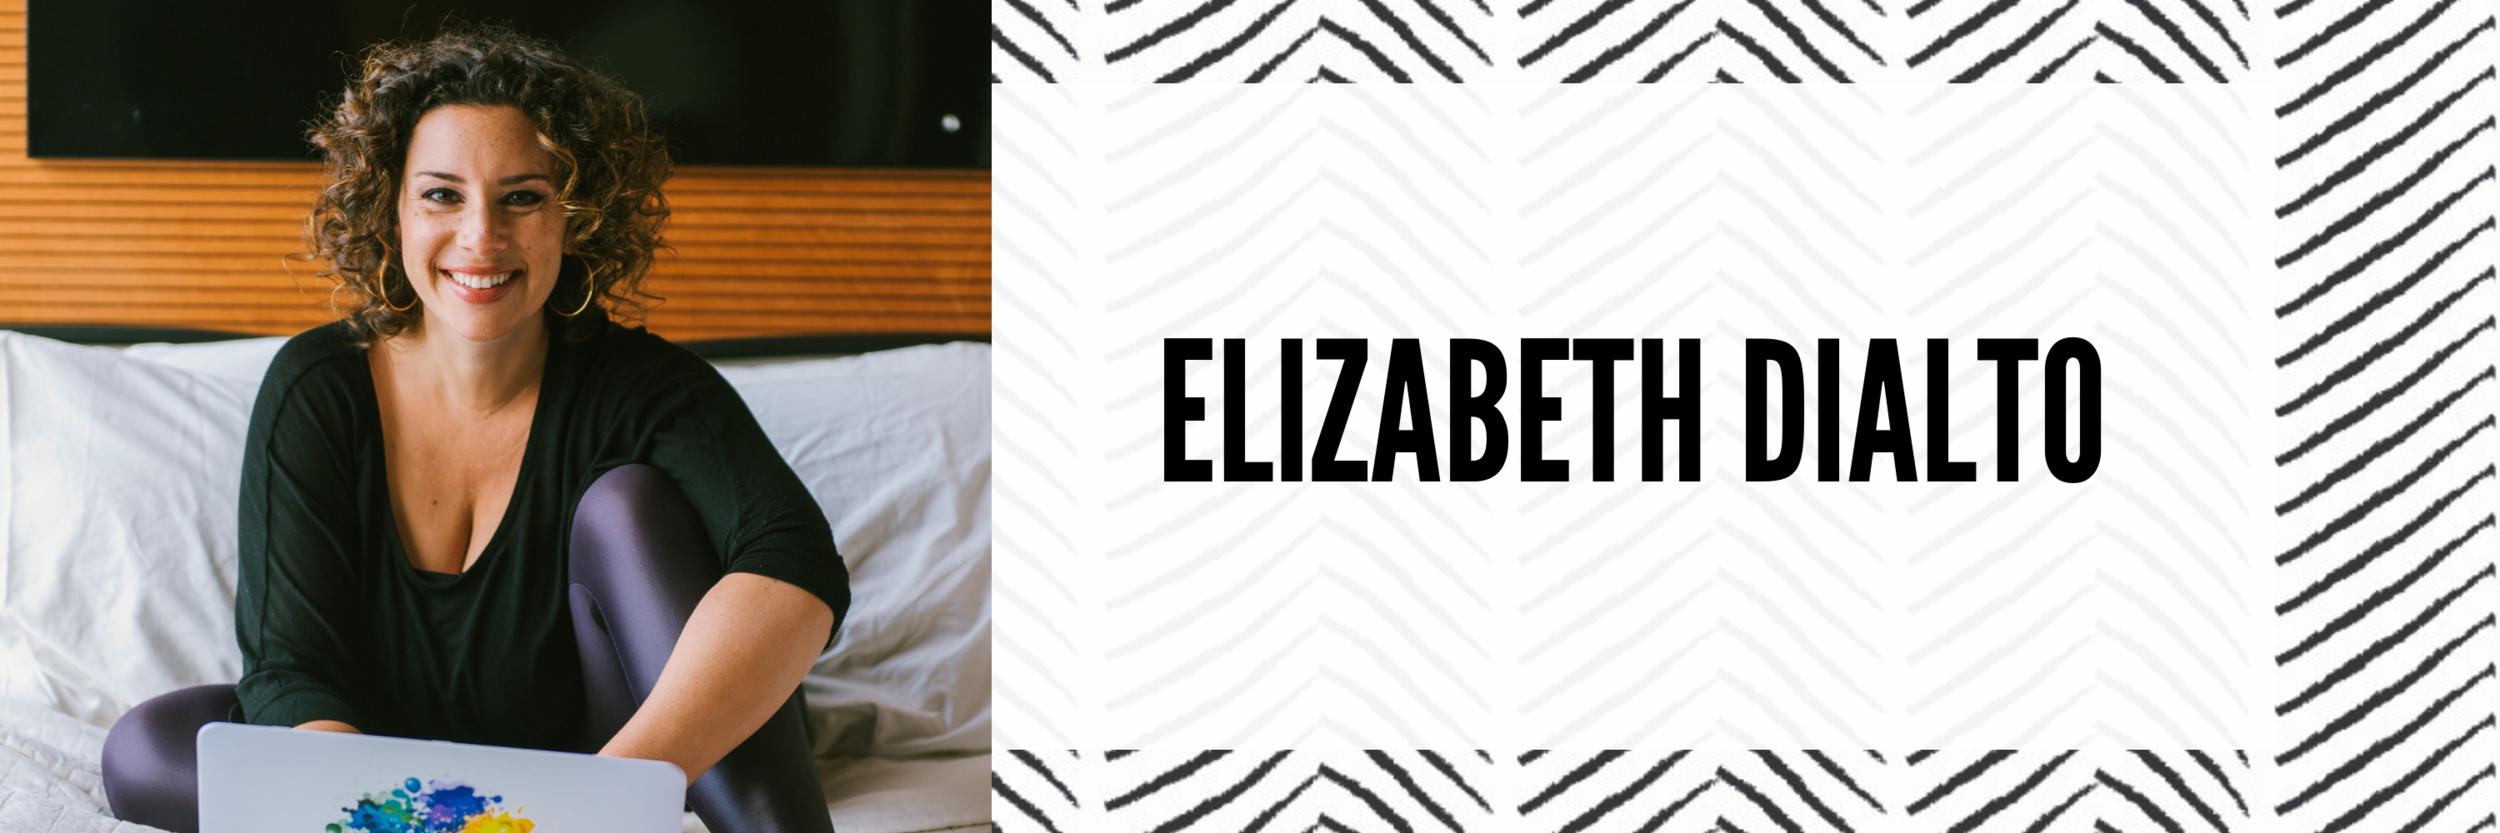 ELIZABETH DIALTO.png